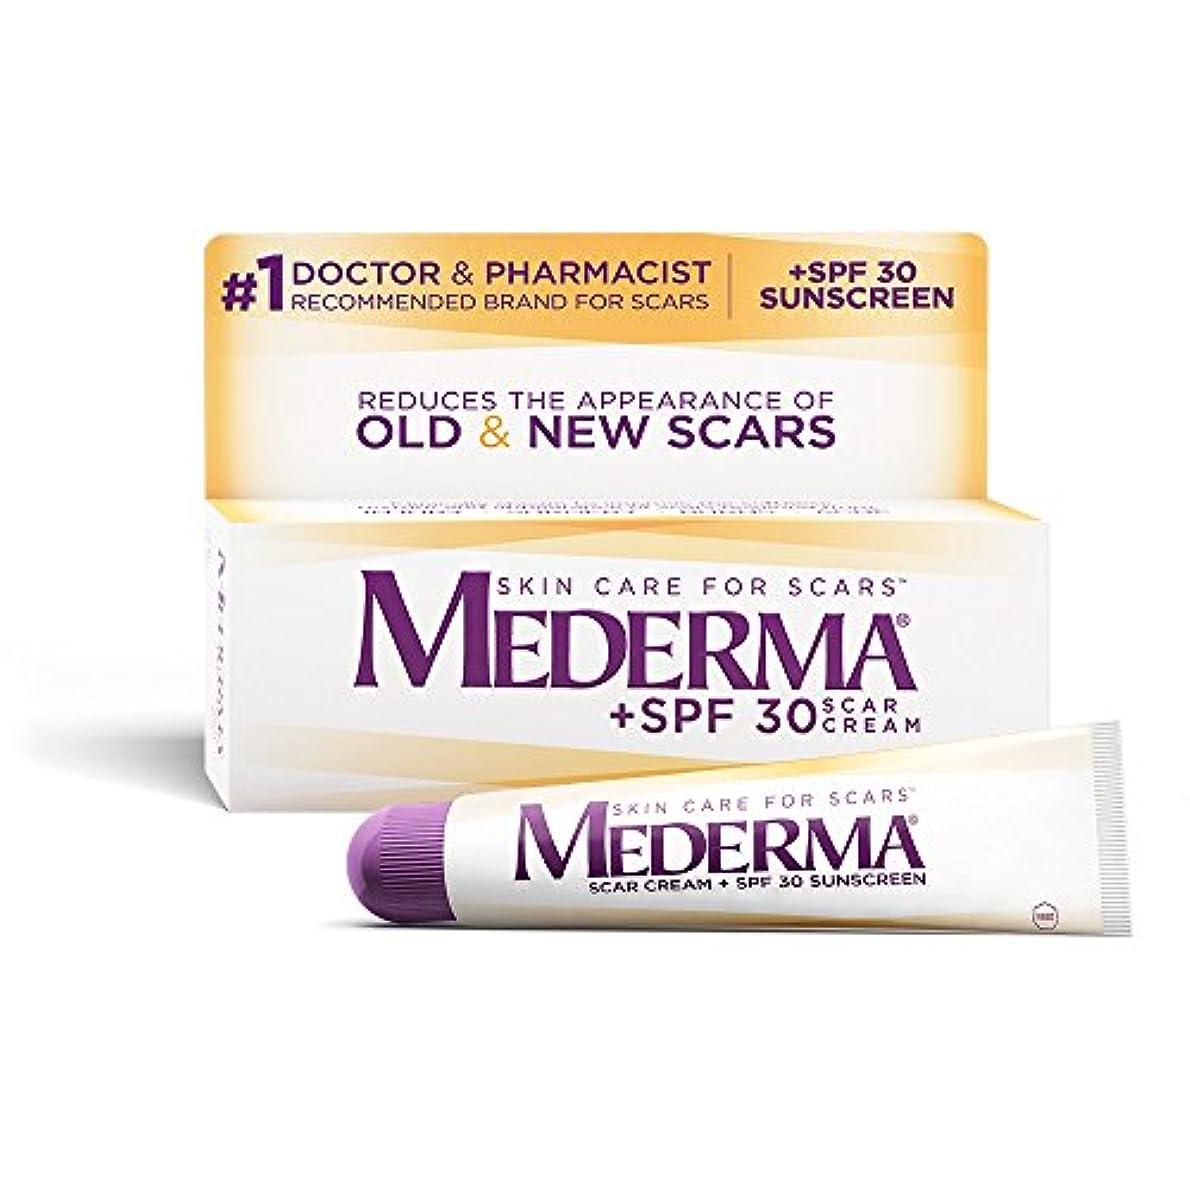 新発売 Mederma社 日焼け止め成分SPF30配合 メドロマ(メデルマ) 1本 20g 海外直送品